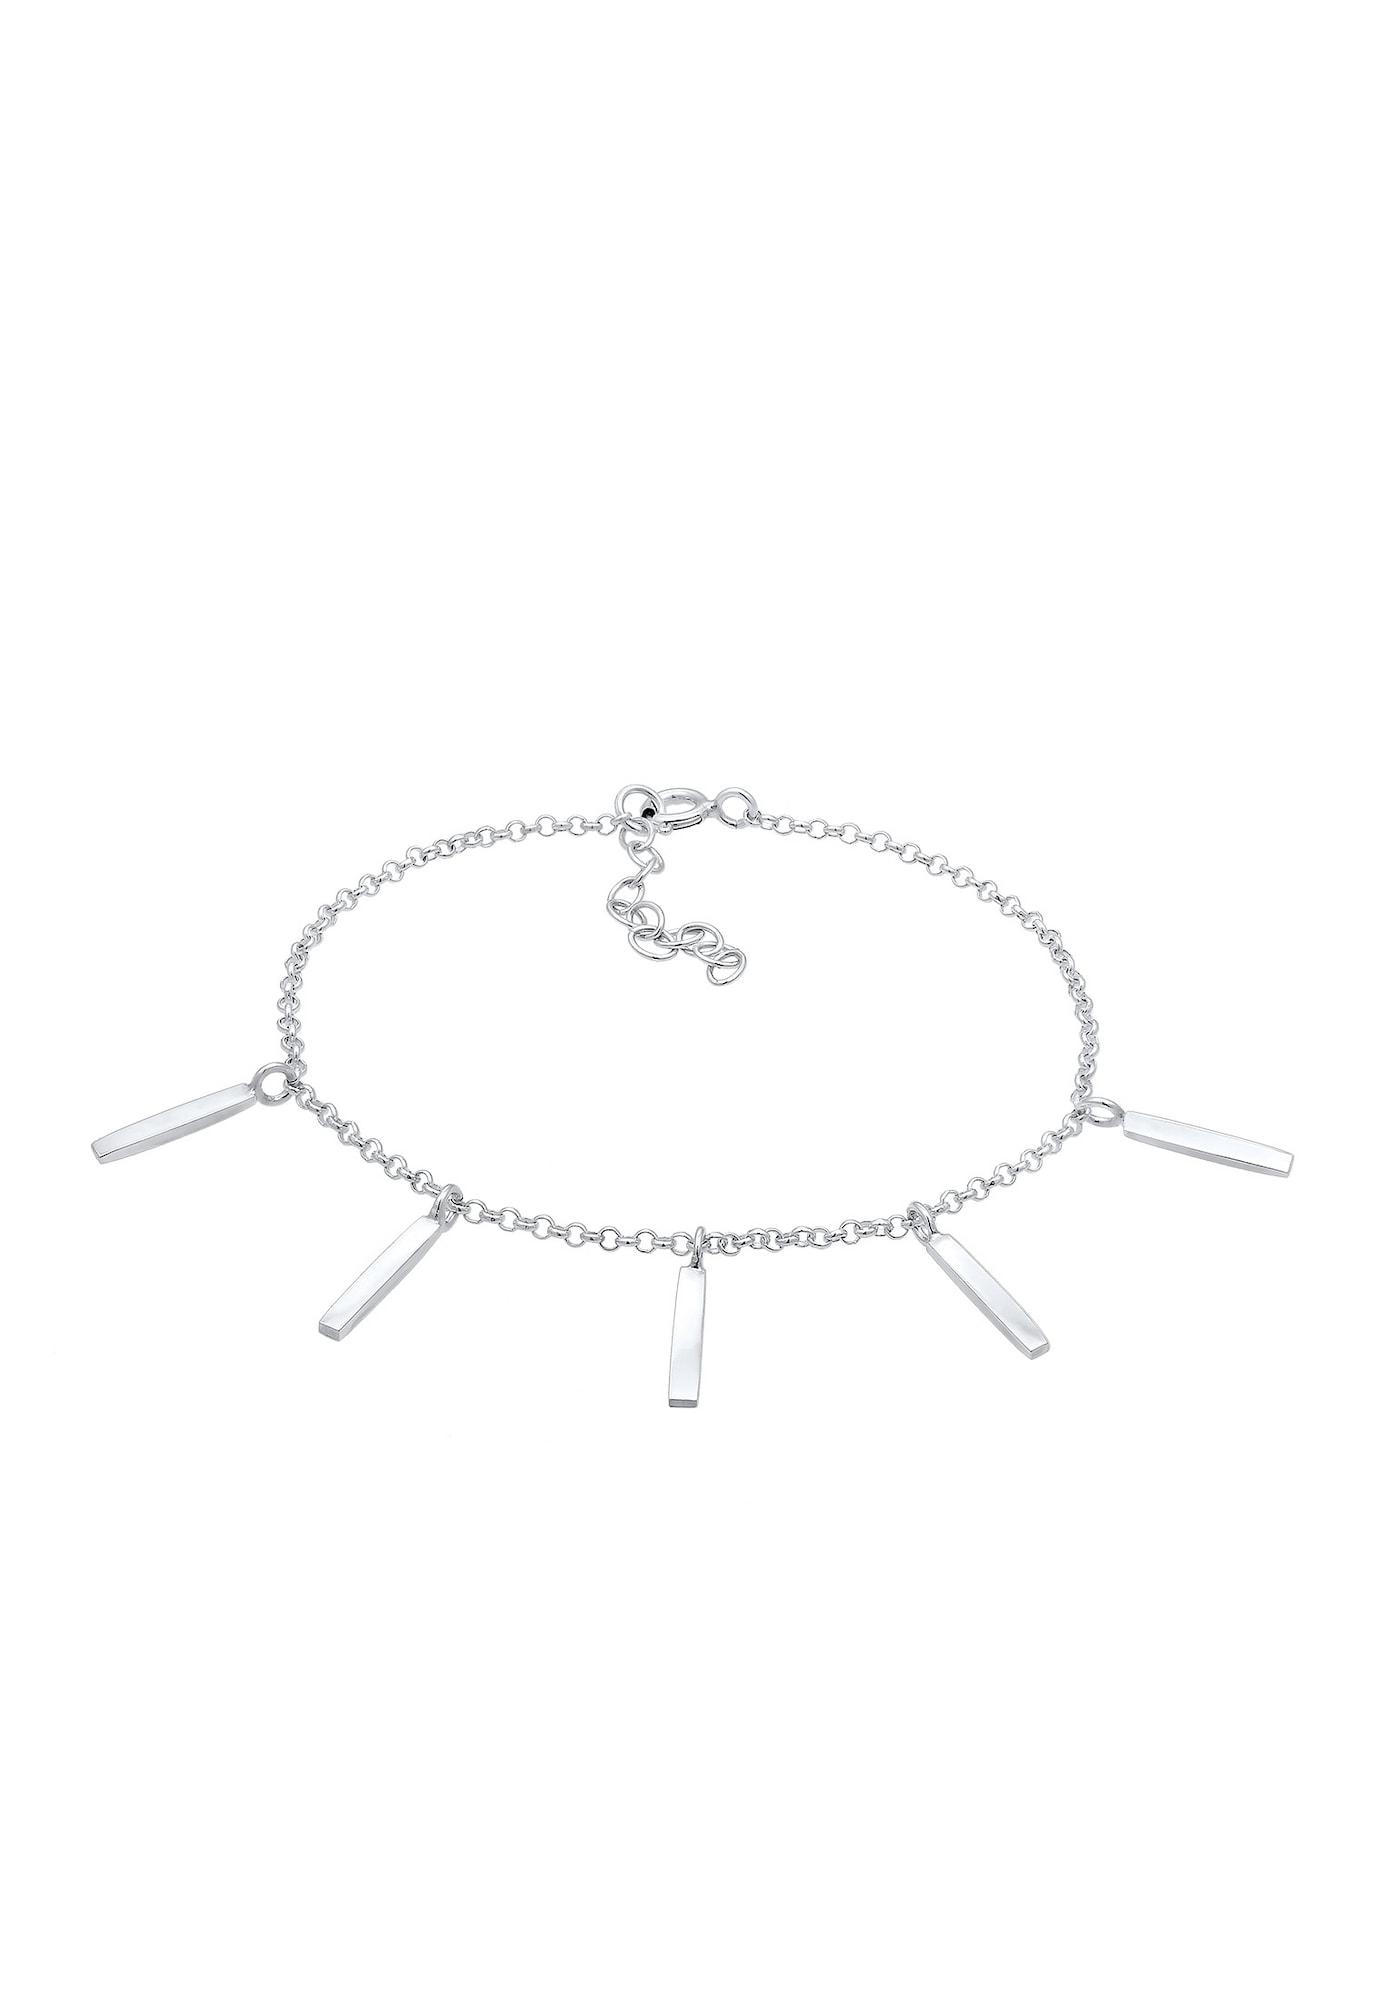 Armband Bettelarmband, Geo | Schmuck > Armbänder > Bettelarmbänder | ELLI